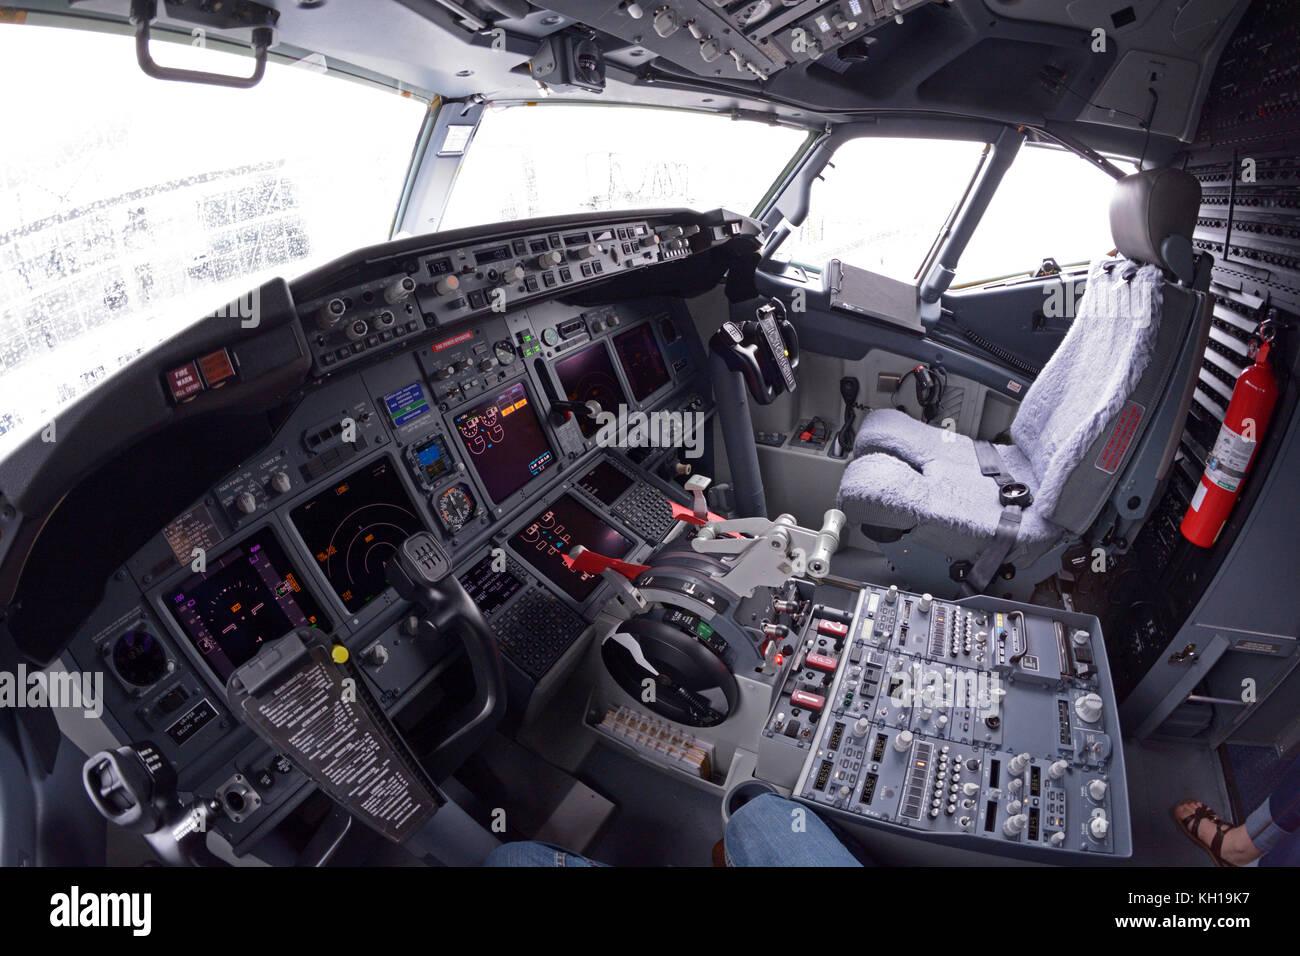 Dans Un Tableau De Bord De Pilotage D Un Avion Boeing 737 400 Boryispil La Demonstration De L Administration De L Aeroport Pour Des Medias De Masse Boeing 737 400 Nouvellement Achete Photo Stock Alamy